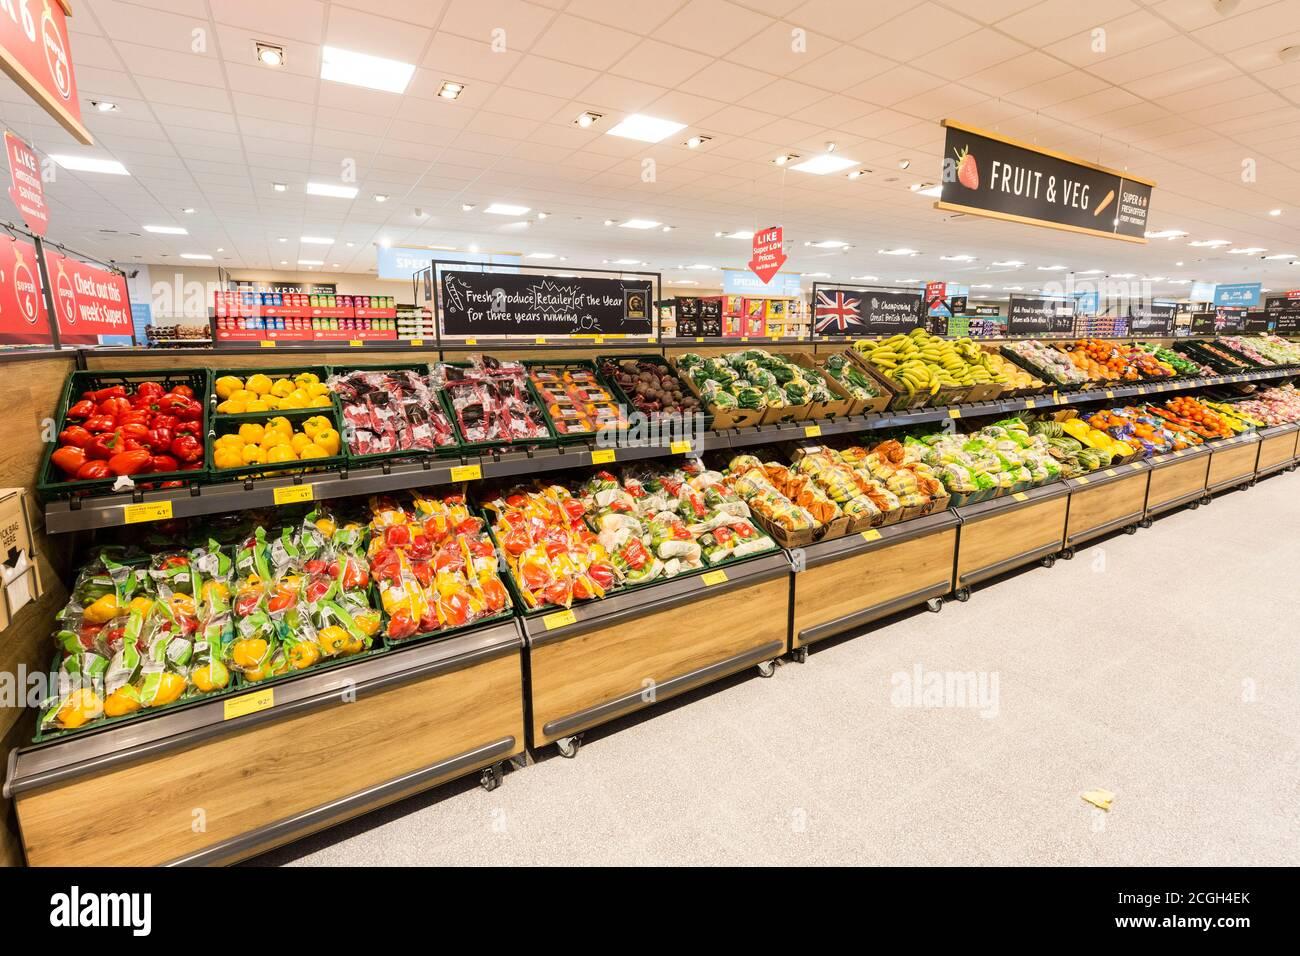 Supermercado Aldi pasillo de frutas y verduras Foto de stock